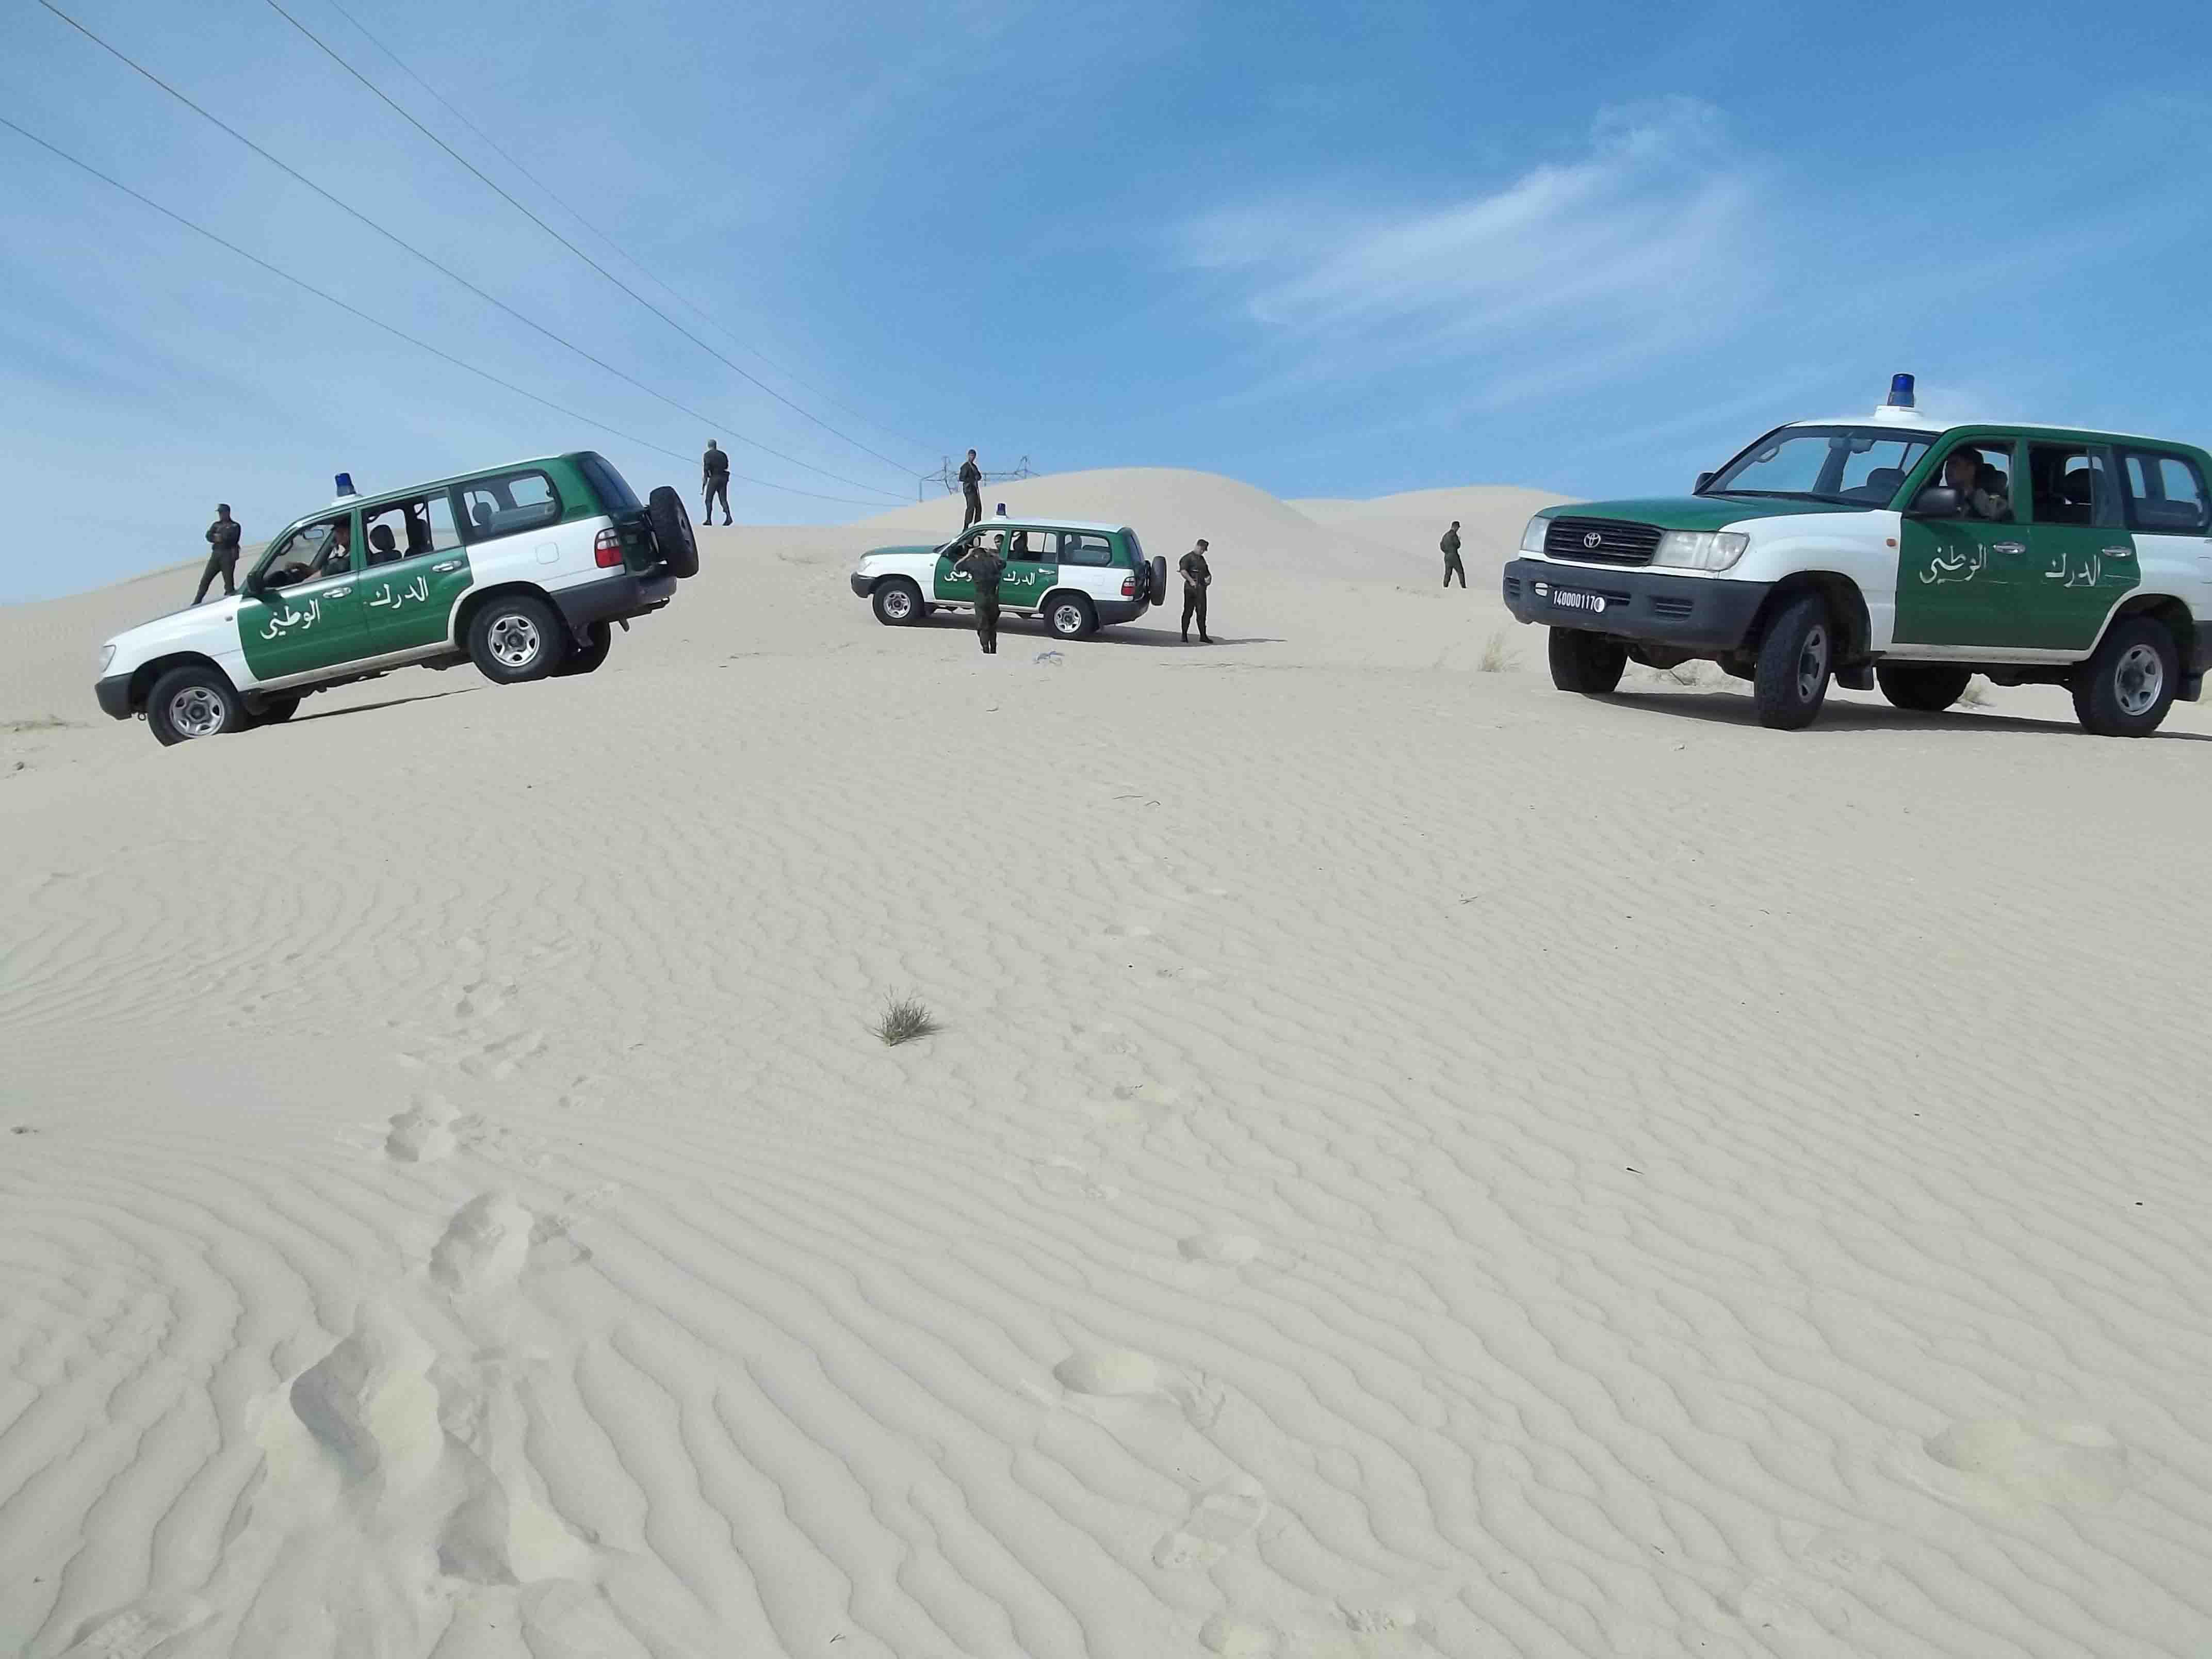 الخبر-الجزائر تتخوف من  غزو بشري  لأراضيها